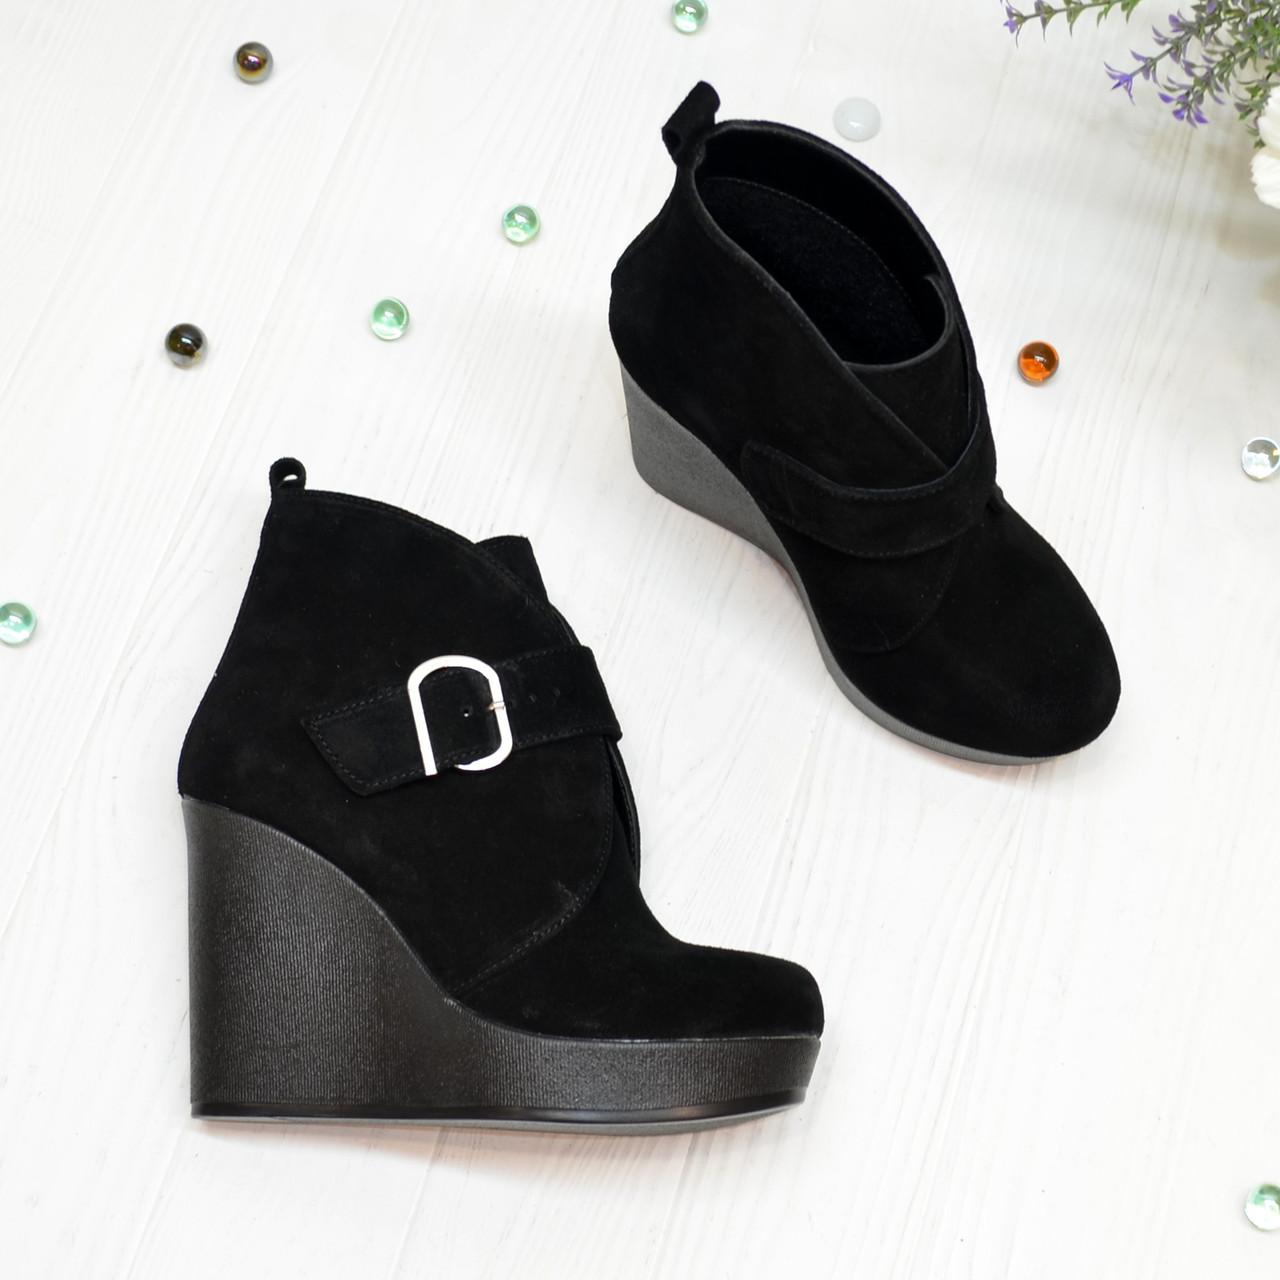 Ботинки замшевые черные женские на высокой платформе